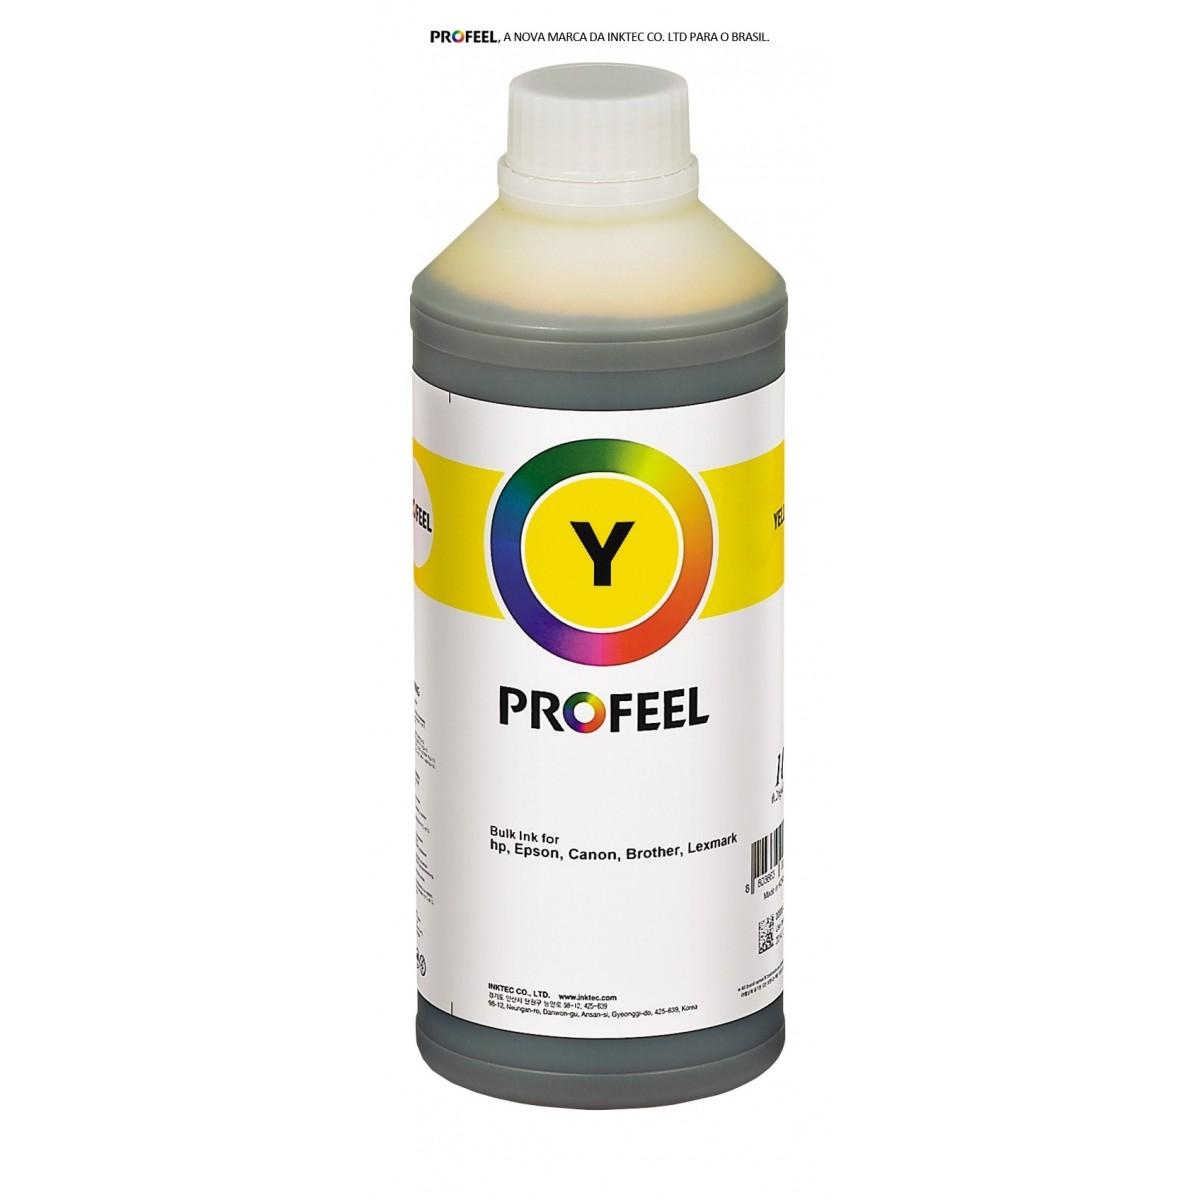 Tinta corante InkTec Profeel modelo H8950D-01LY | Frasco de 1 litro | Cor : Amarela